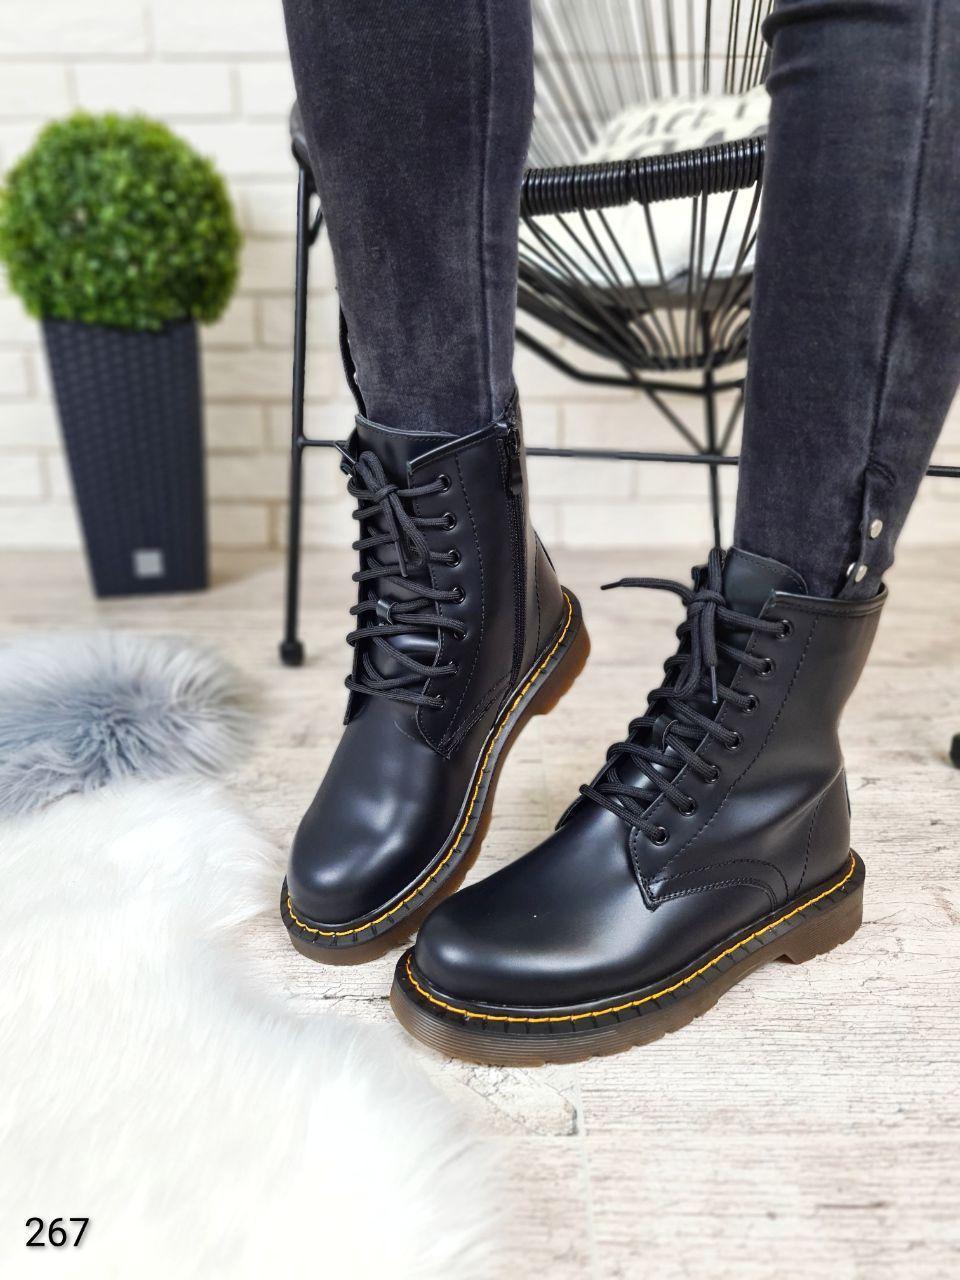 Теплые зимние женские ботинки на высокой подошве в стиле Dr.Martens LS-267